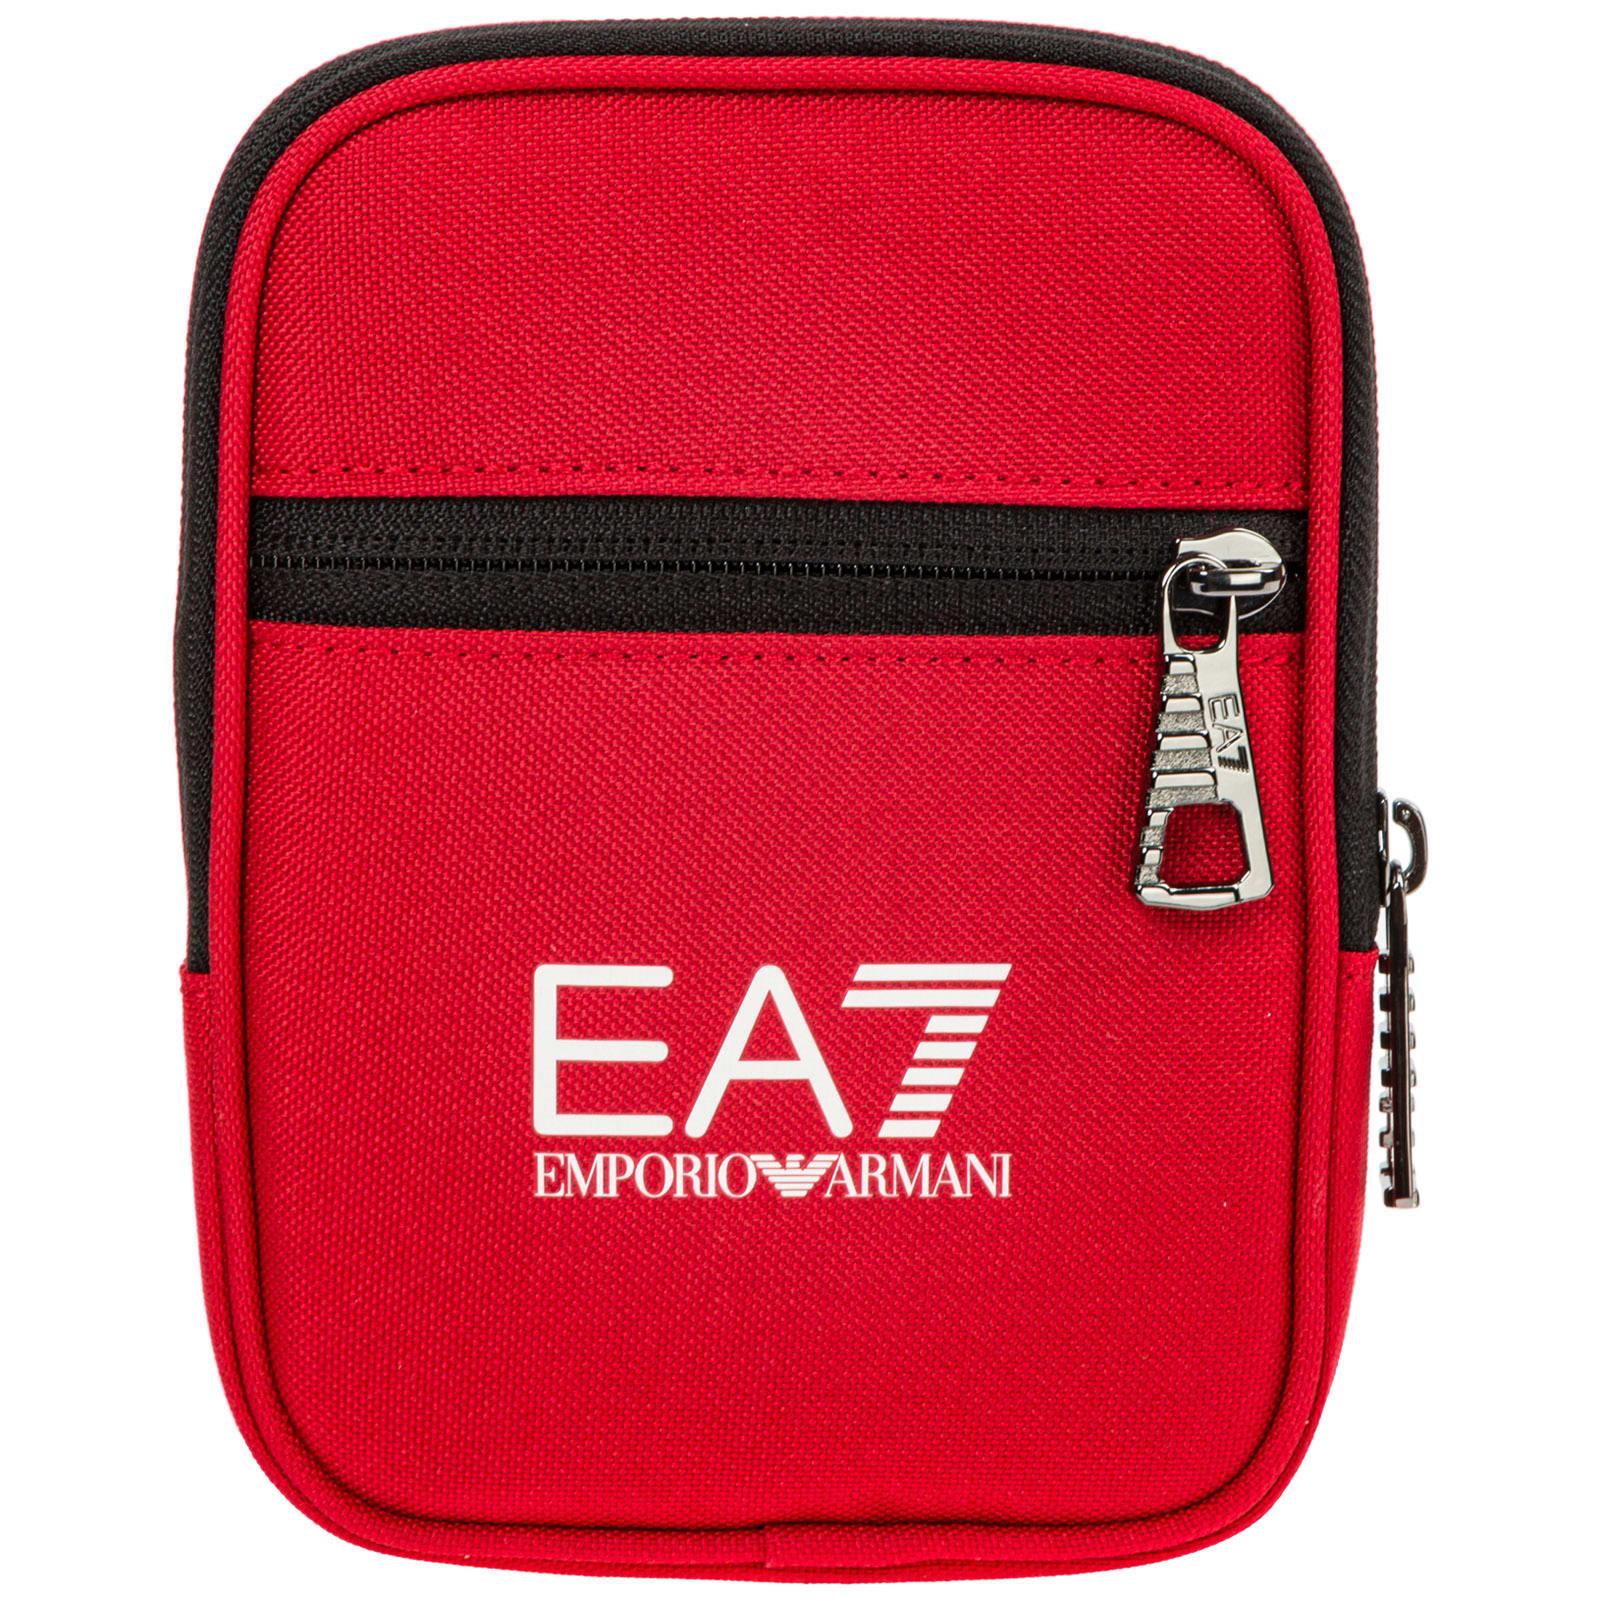 H222 Crossbody Bags